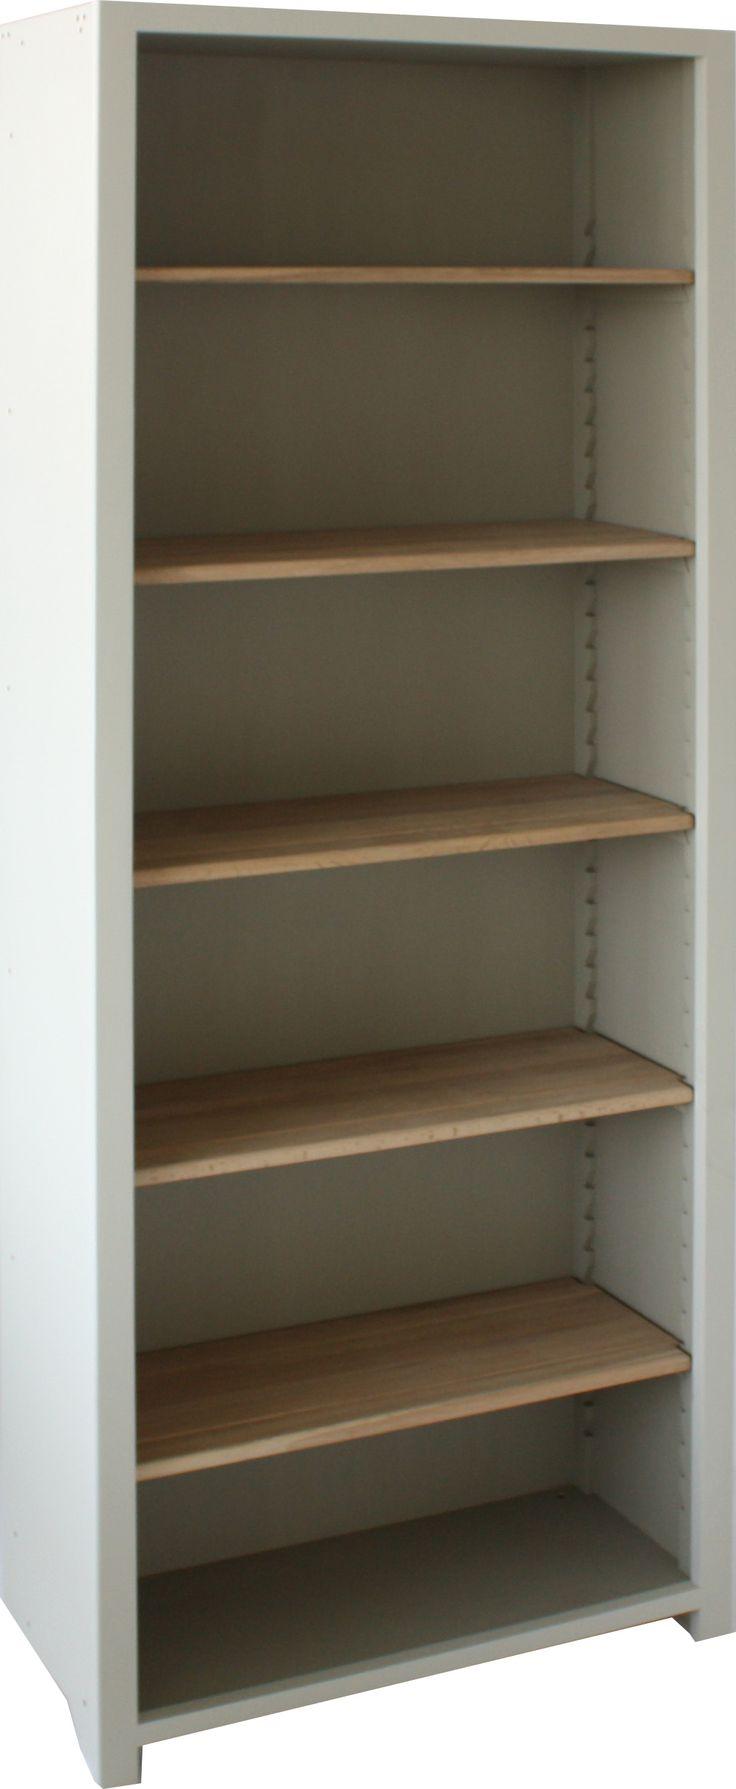 Neptune Pembroke Fitted Shelves